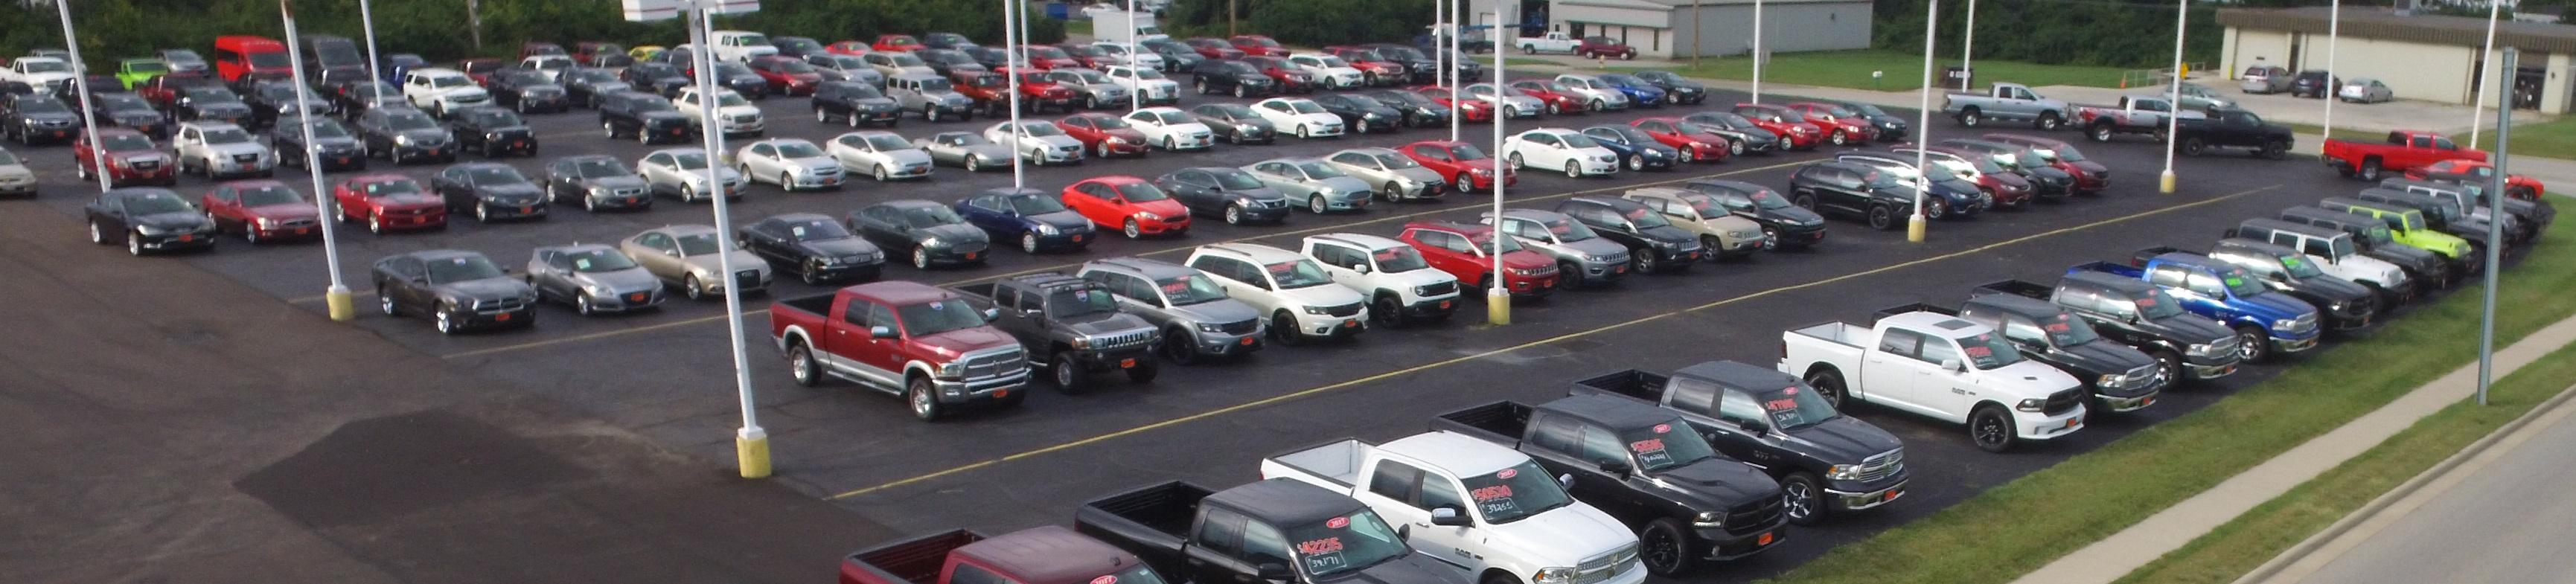 Best Used Car Columbus Ohio